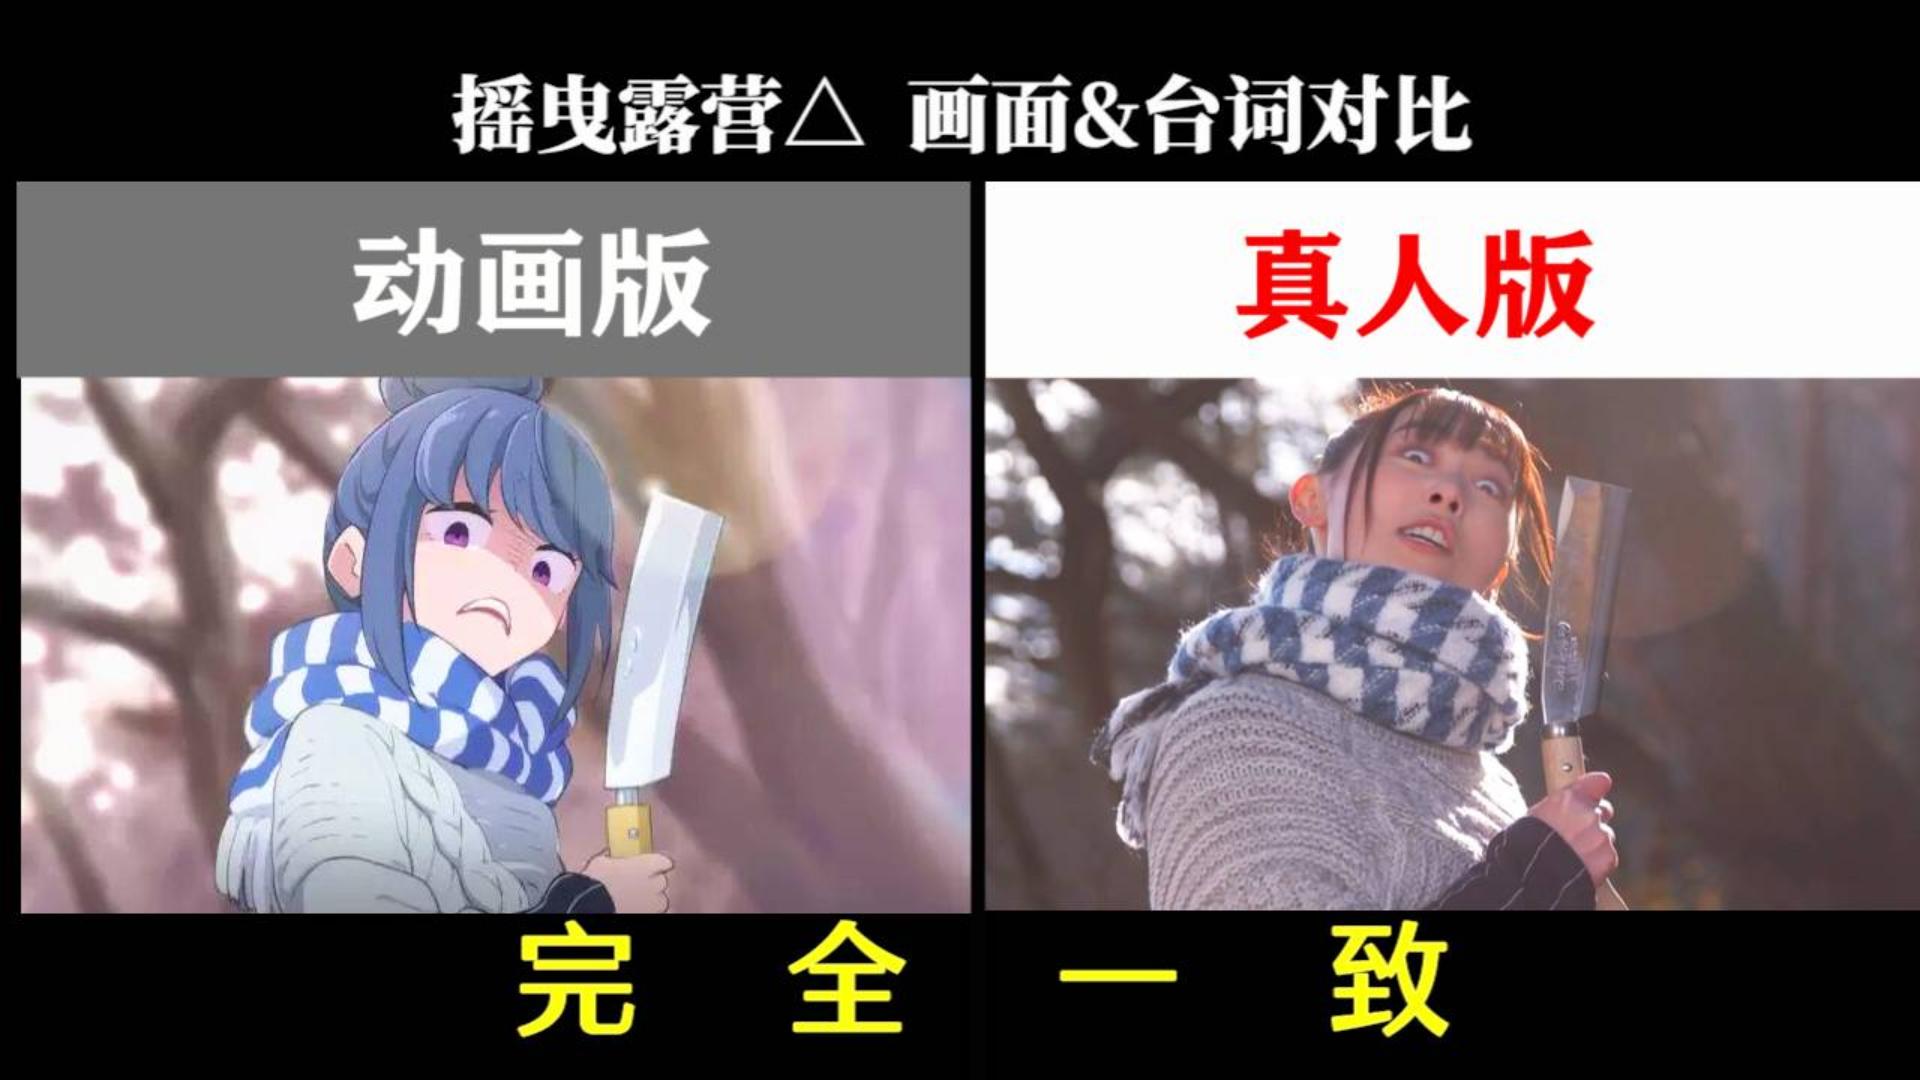 【新番打卡】摇曳露营△ 真人版vs动画版 经典画面&台词对比!